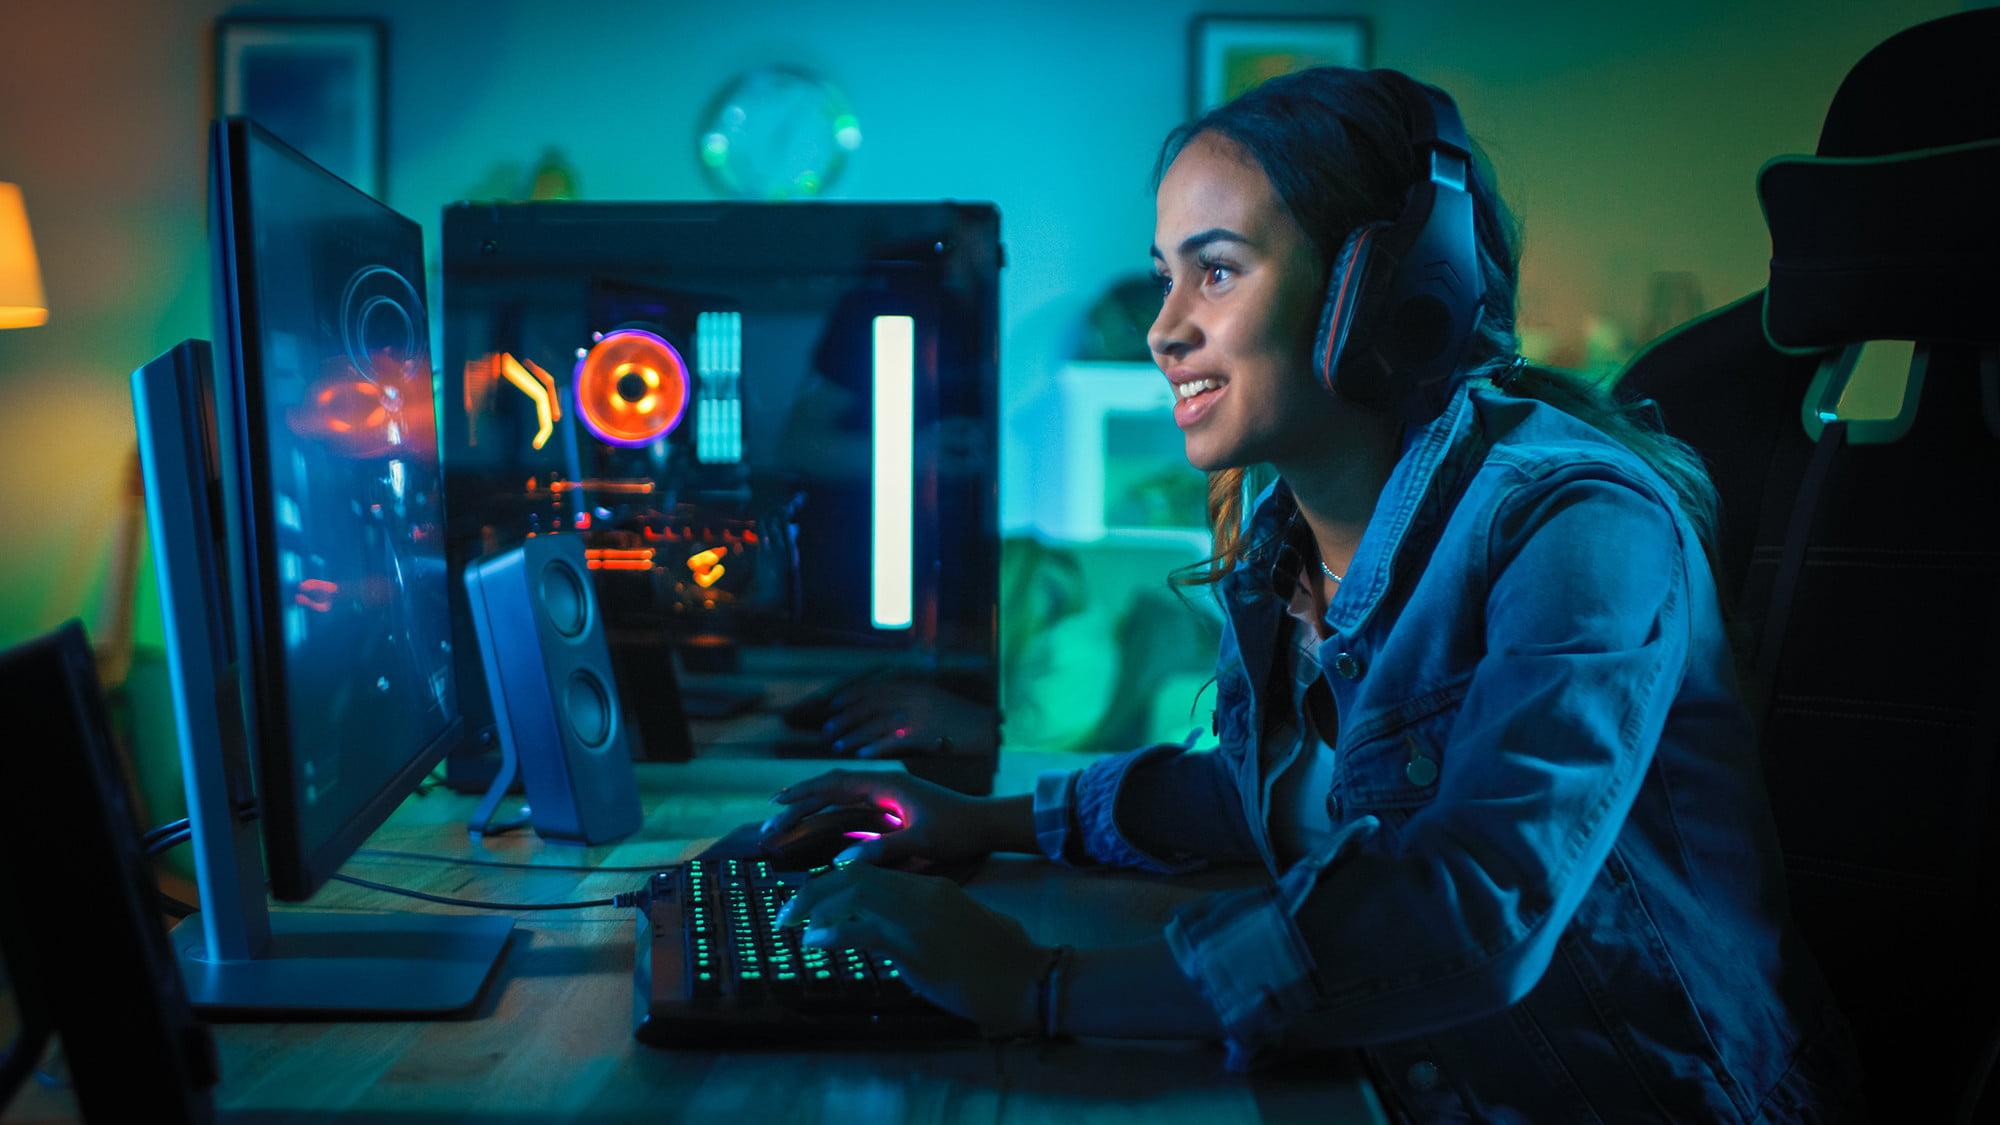 ¿Pueden los videojuegos tener una incidencia directa en la inteligencia de las personas?